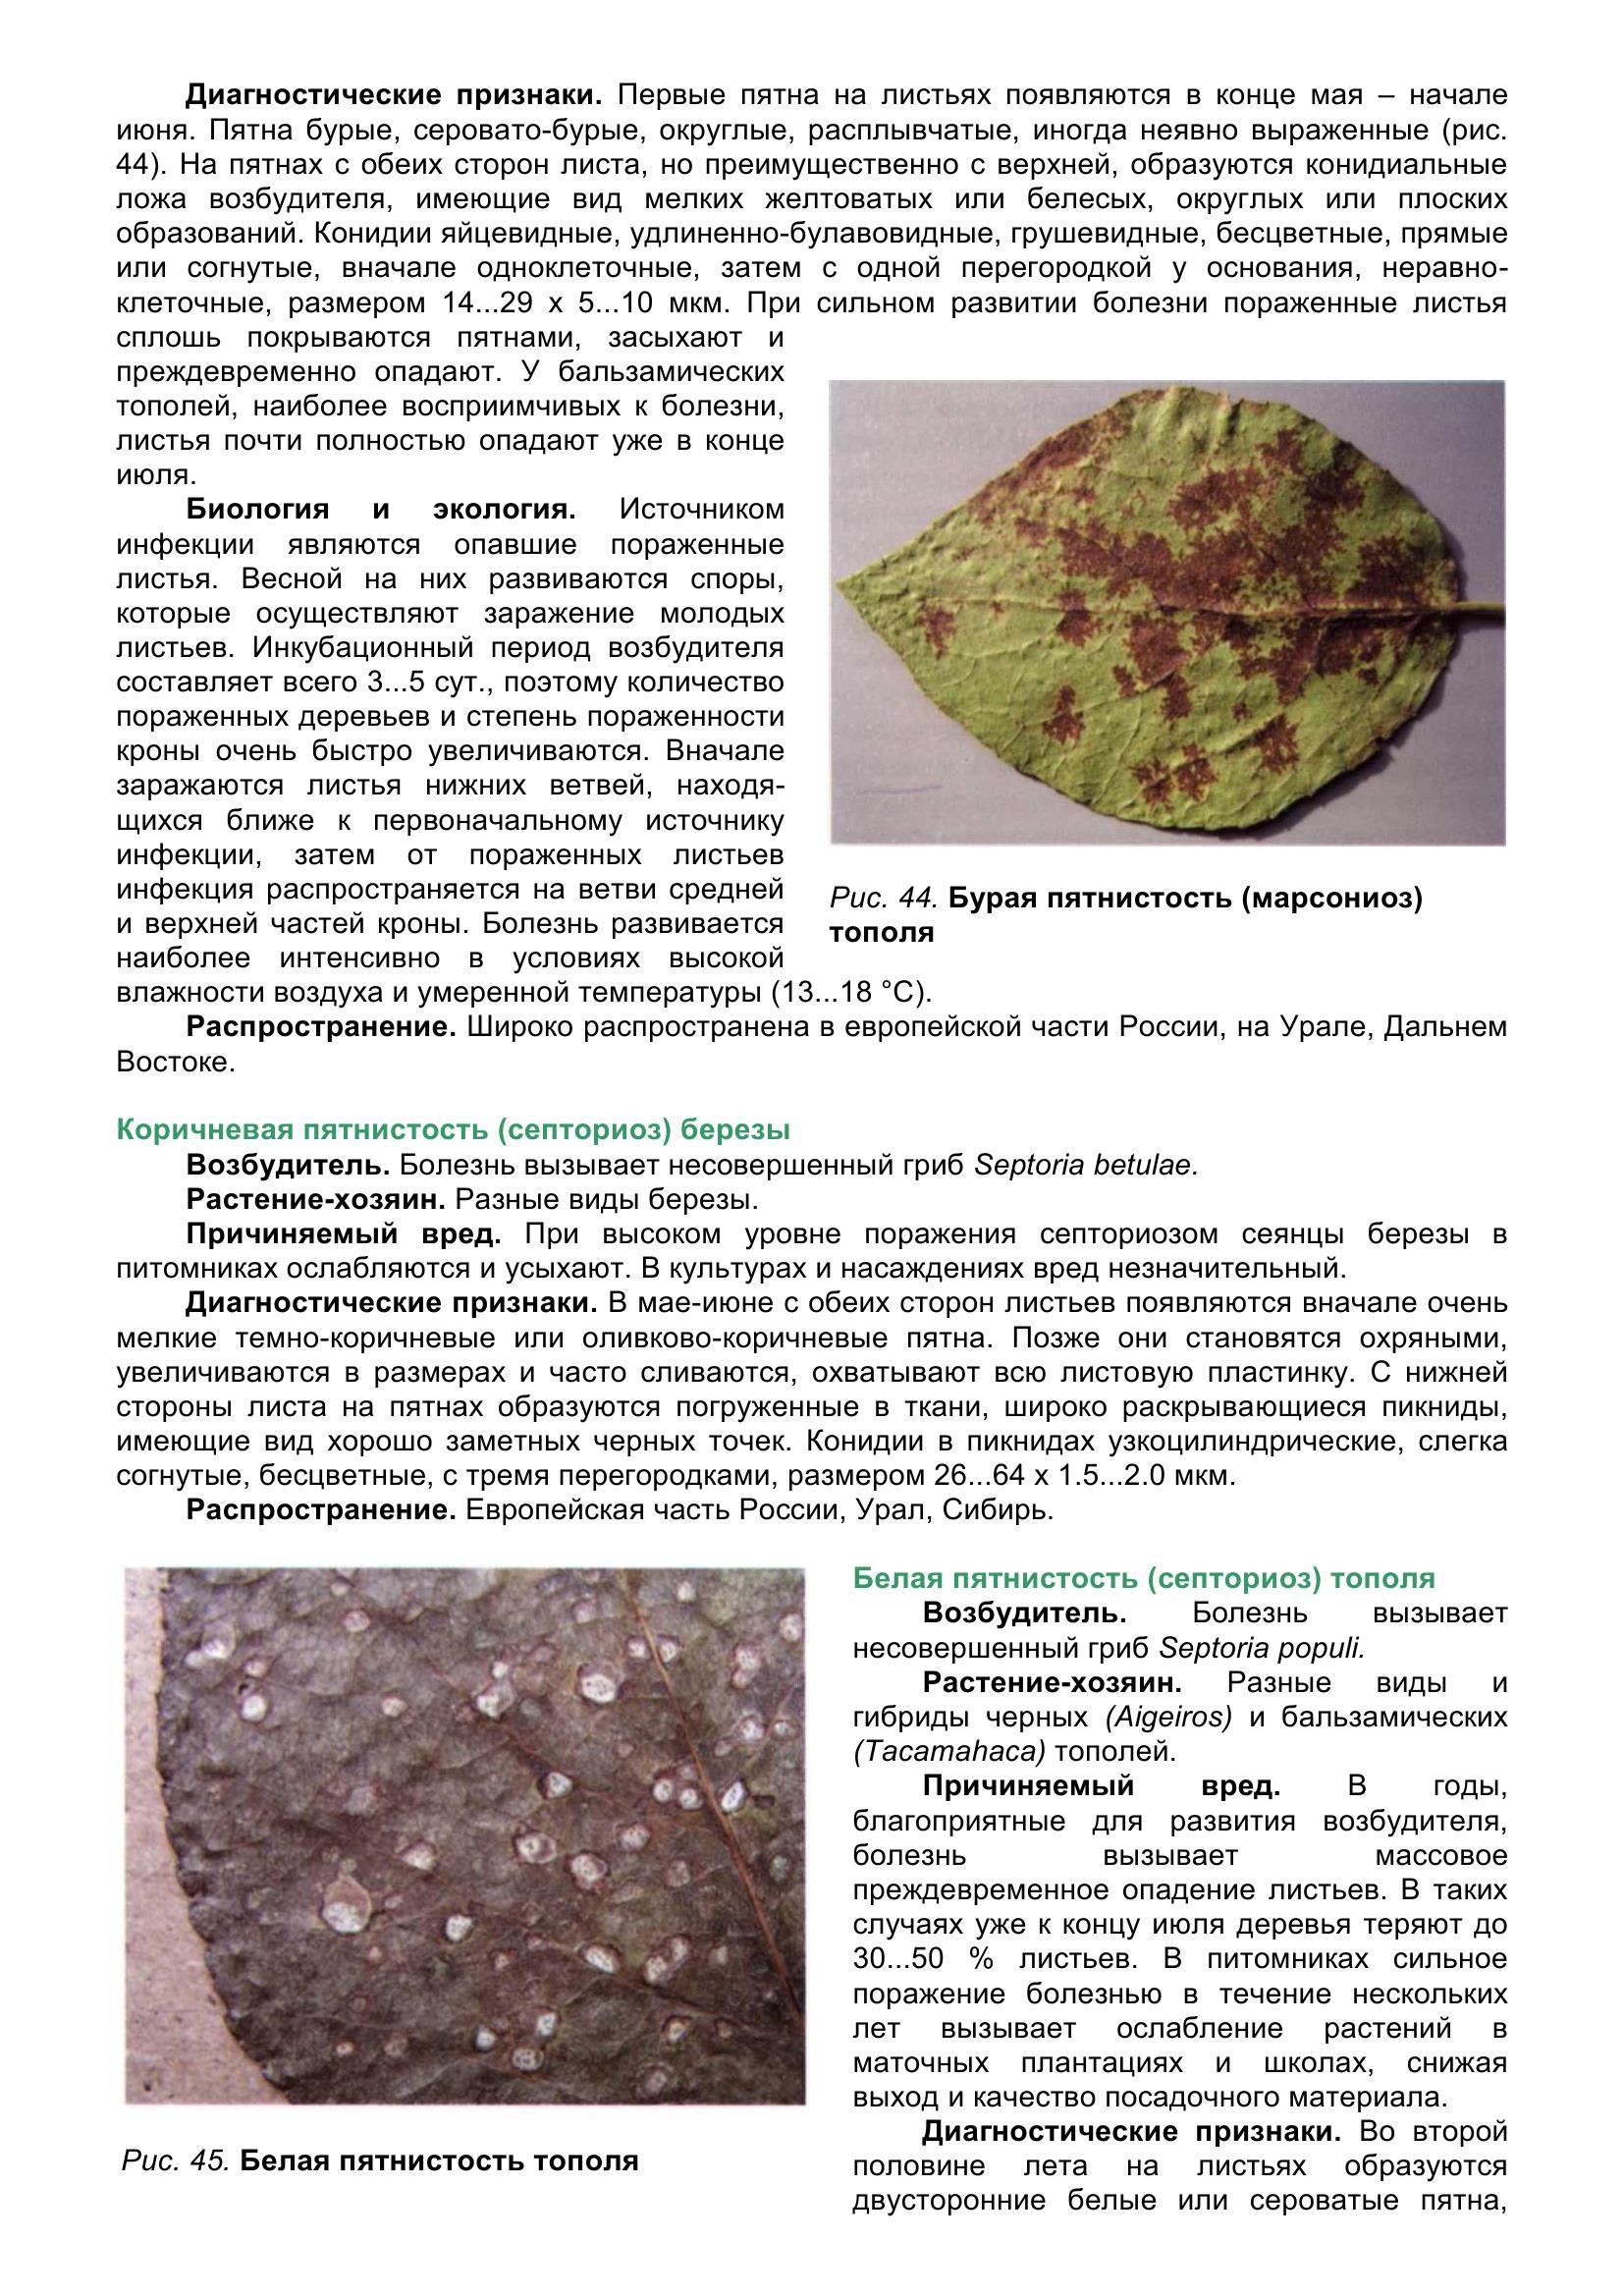 Болезни_древесных_растений_057.jpg